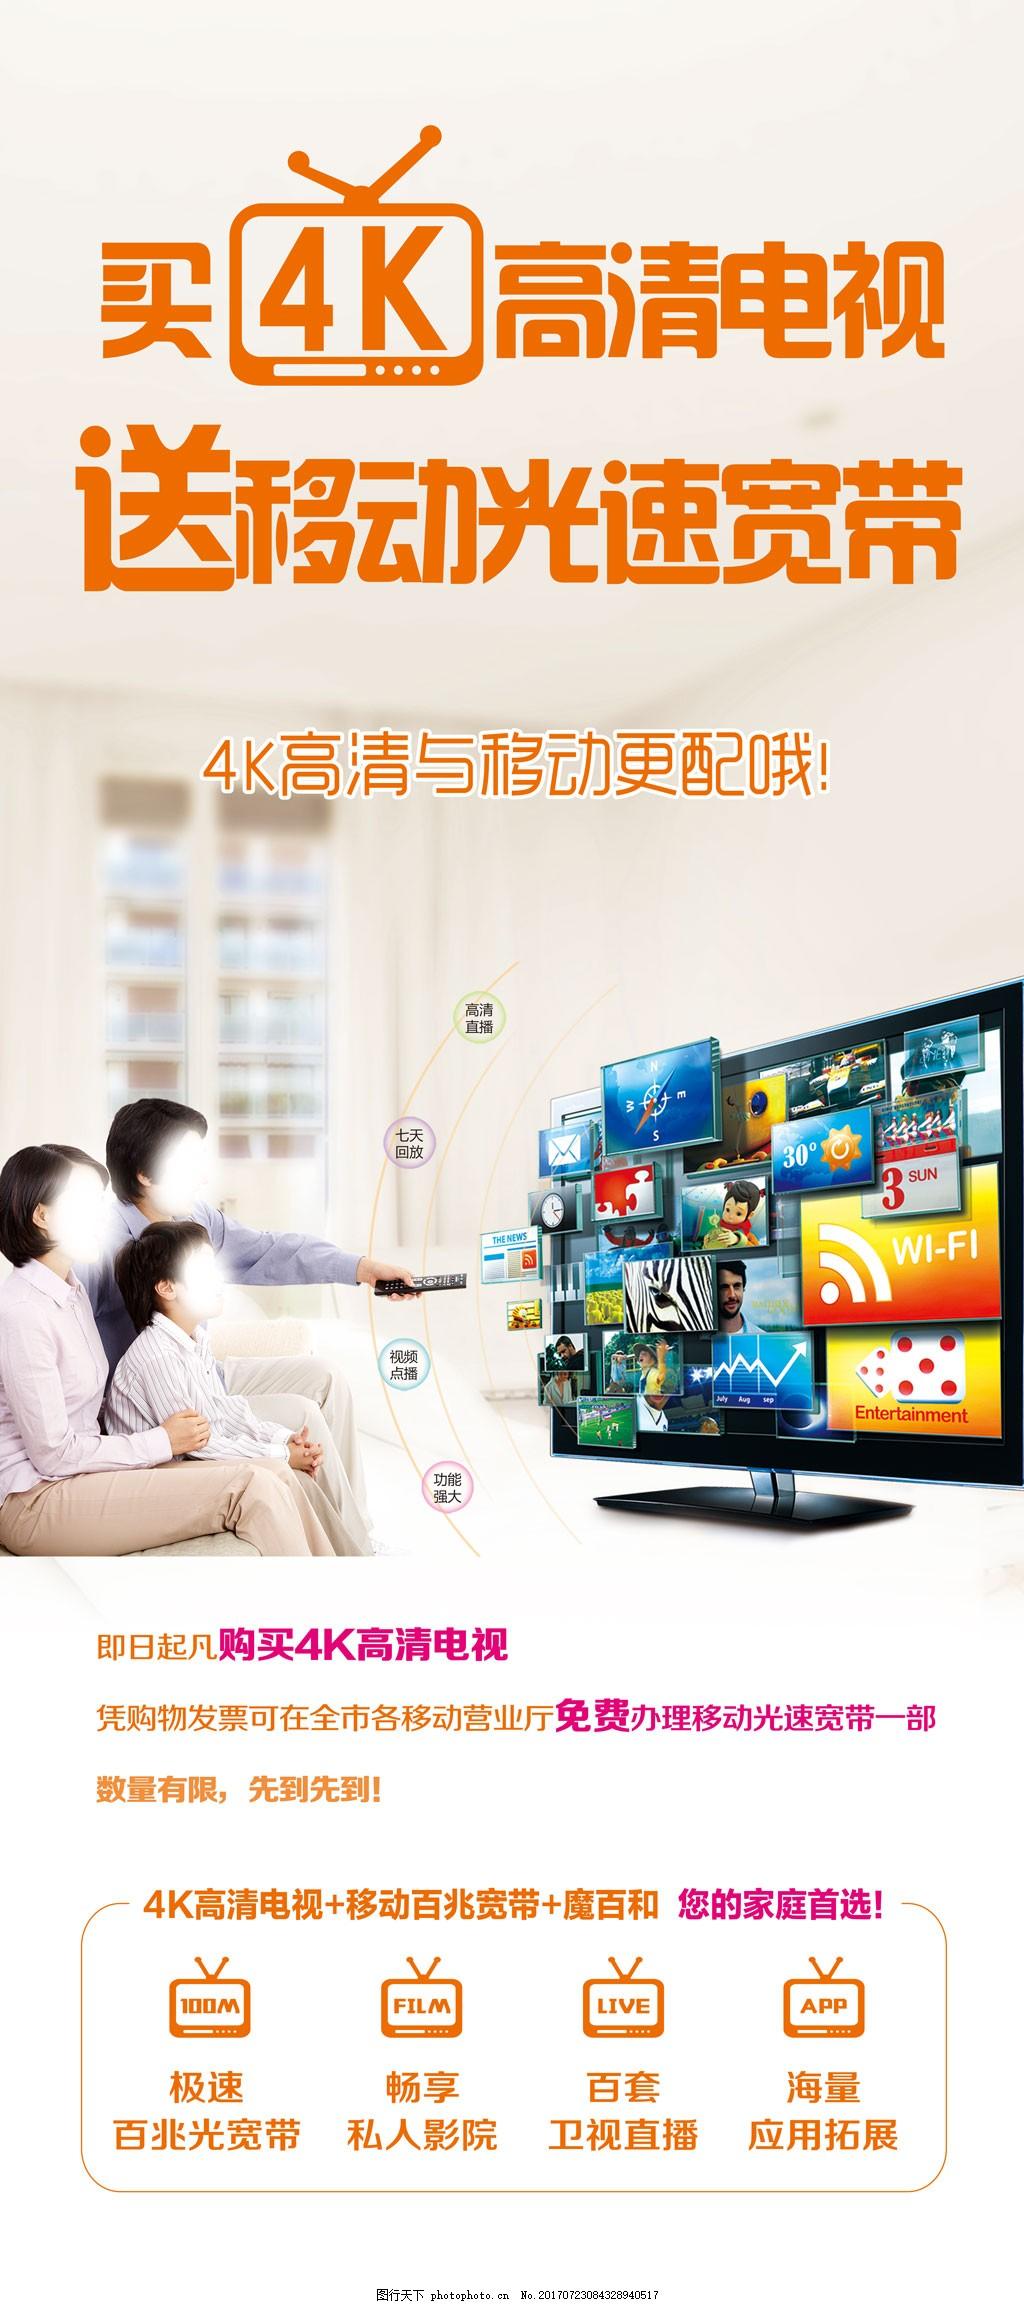 4K高清电视宽带易拉宝 家庭 看电视 全家福 免费办理宽带 极速